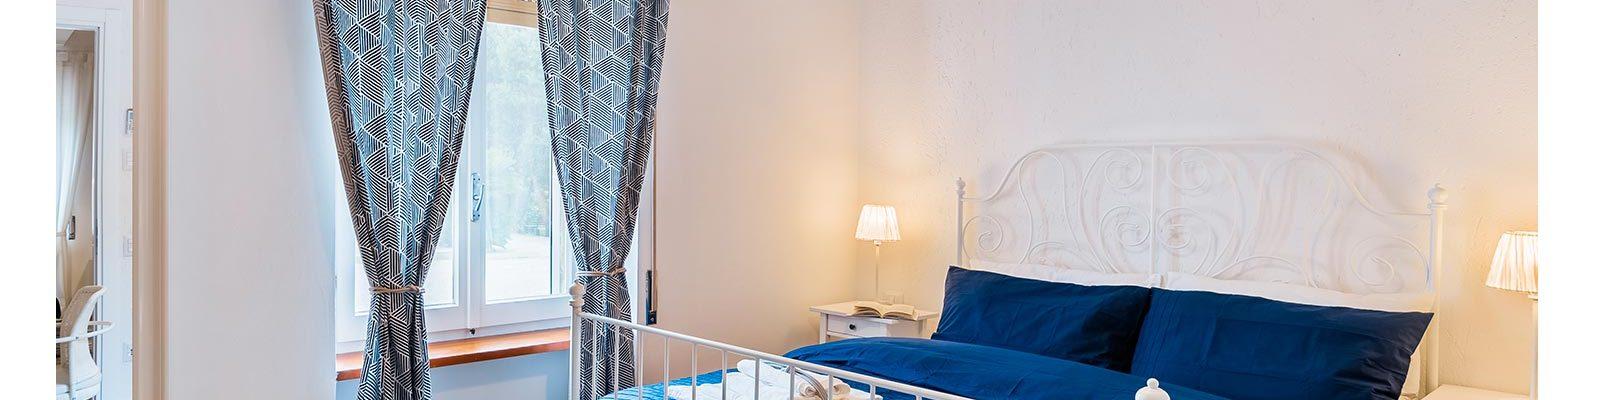 Camera da letto in appartamento vacanze a Sabaudia